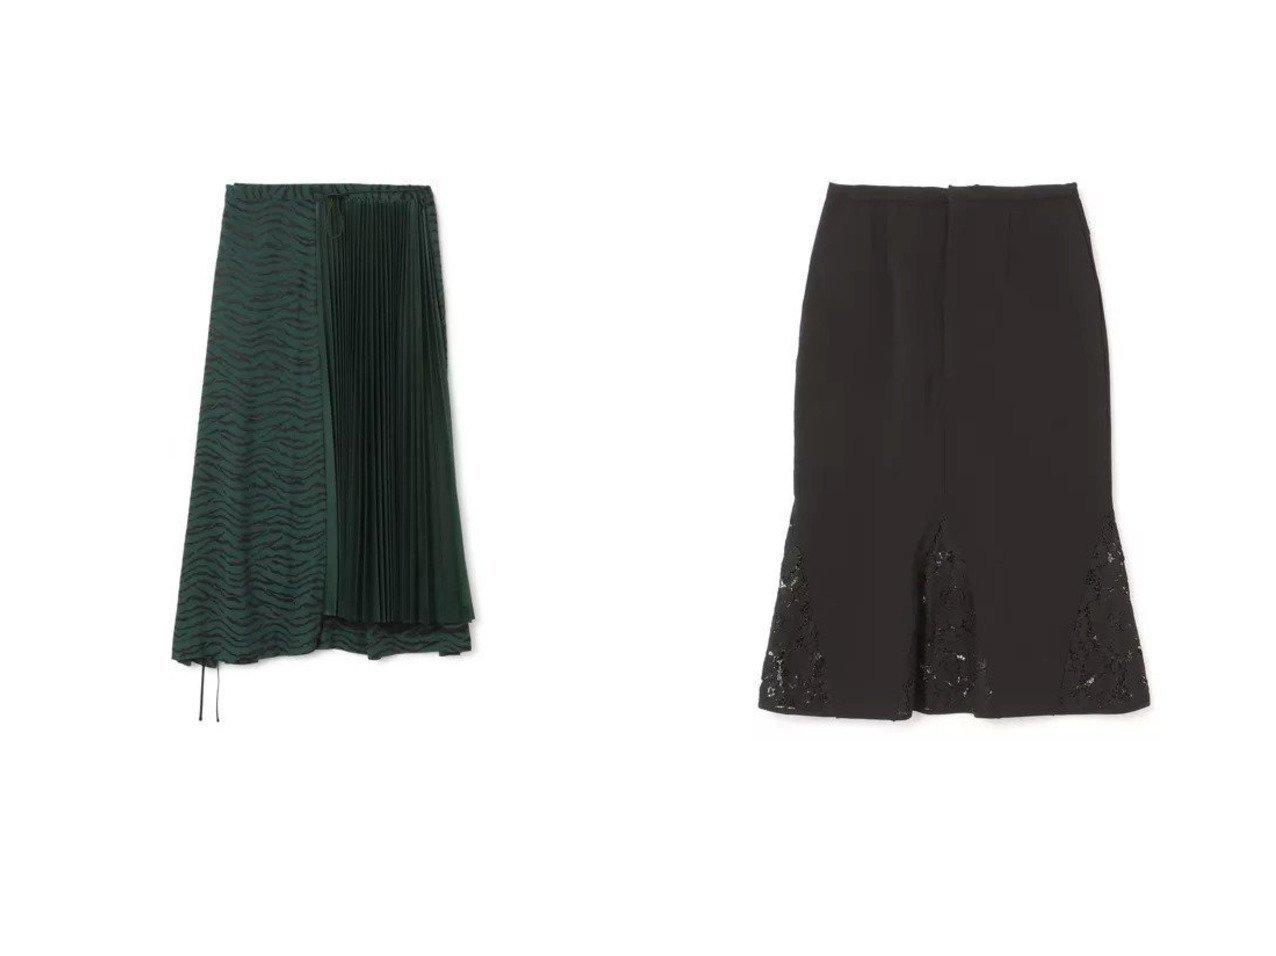 【LOKITHO/ロキト】のLACED COMBI SKIRT&【TOGA PULLA/トーガ プルラ】のJaquard skirt スカートのおすすめ!人気、トレンド・レディースファッションの通販  おすすめで人気の流行・トレンド、ファッションの通販商品 メンズファッション・キッズファッション・インテリア・家具・レディースファッション・服の通販 founy(ファニー) https://founy.com/ ファッション Fashion レディースファッション WOMEN スカート Skirt 2021年 2021 2021 春夏 S/S SS Spring/Summer 2021 S/S 春夏 SS Spring/Summer アシンメトリー ジャカード フェミニン プリーツ マキシ ロング エレガント カッティング フラワー ベーシック ミドル モチーフ レース 春 Spring |ID:crp329100000019237